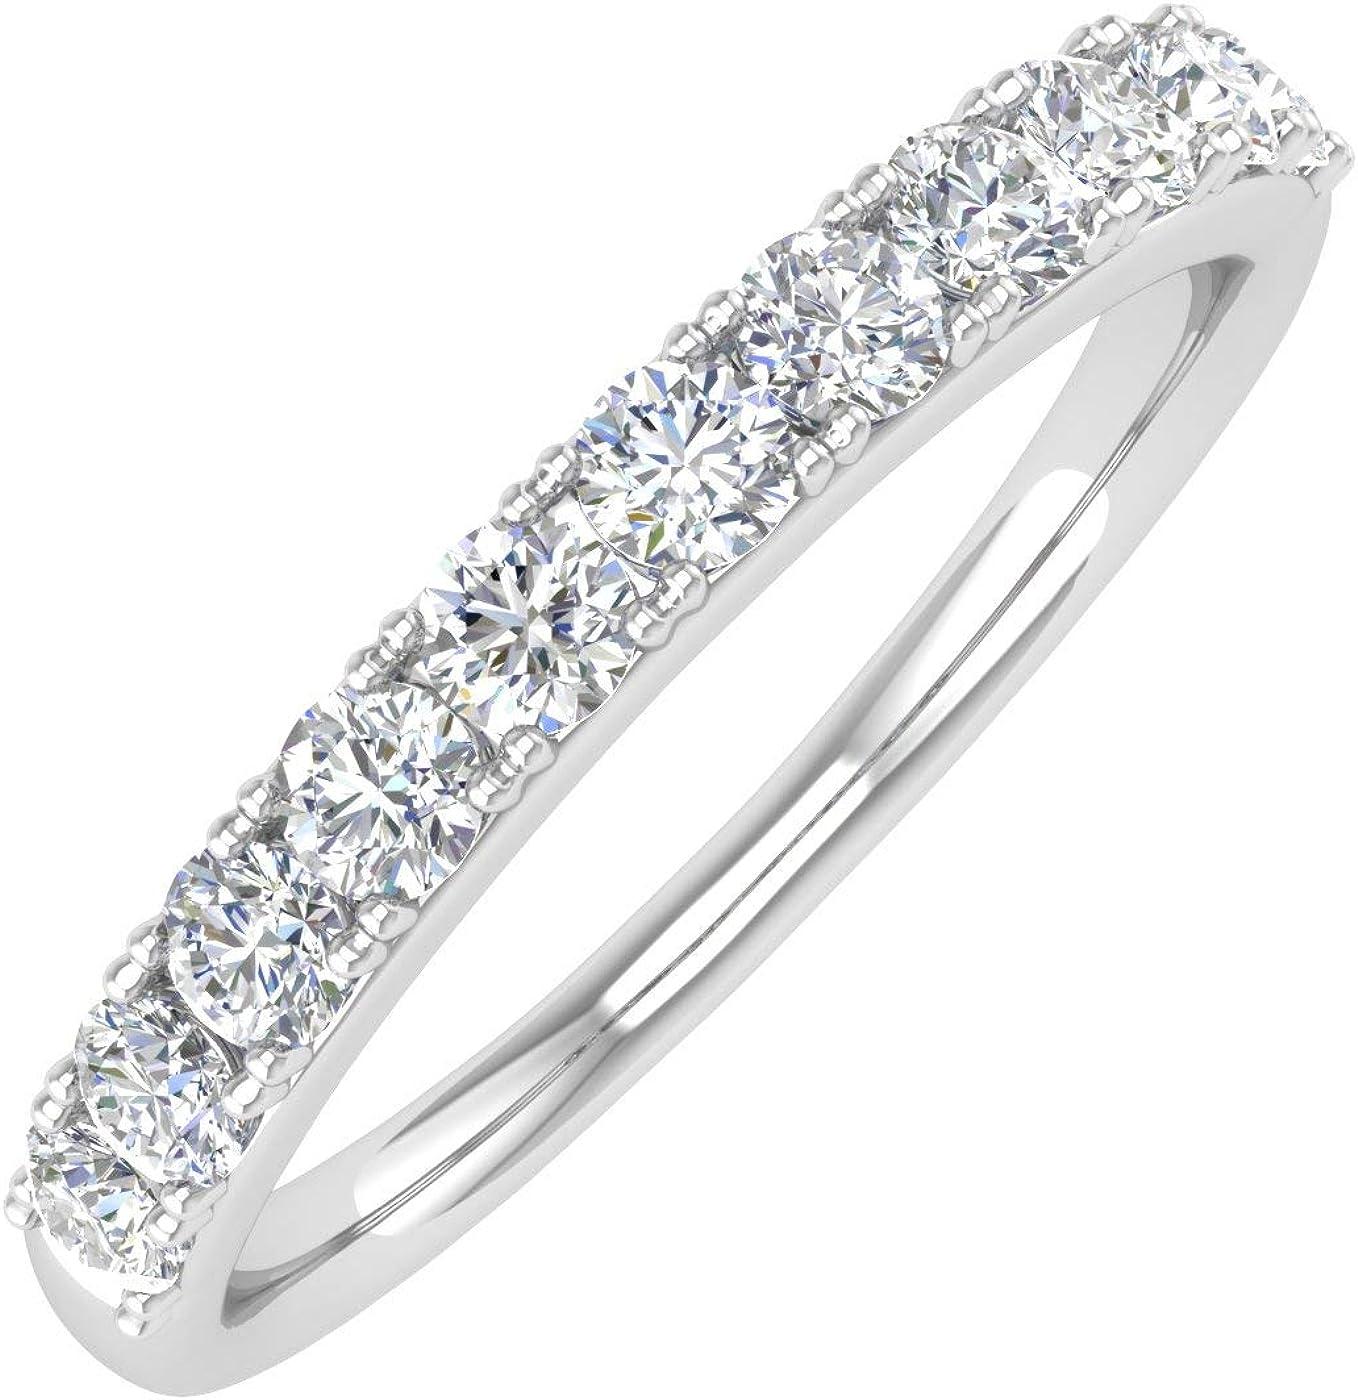 1/2 Carat Natural White Diamond Wedding Band Ring in 14K Gold - IGI Certified